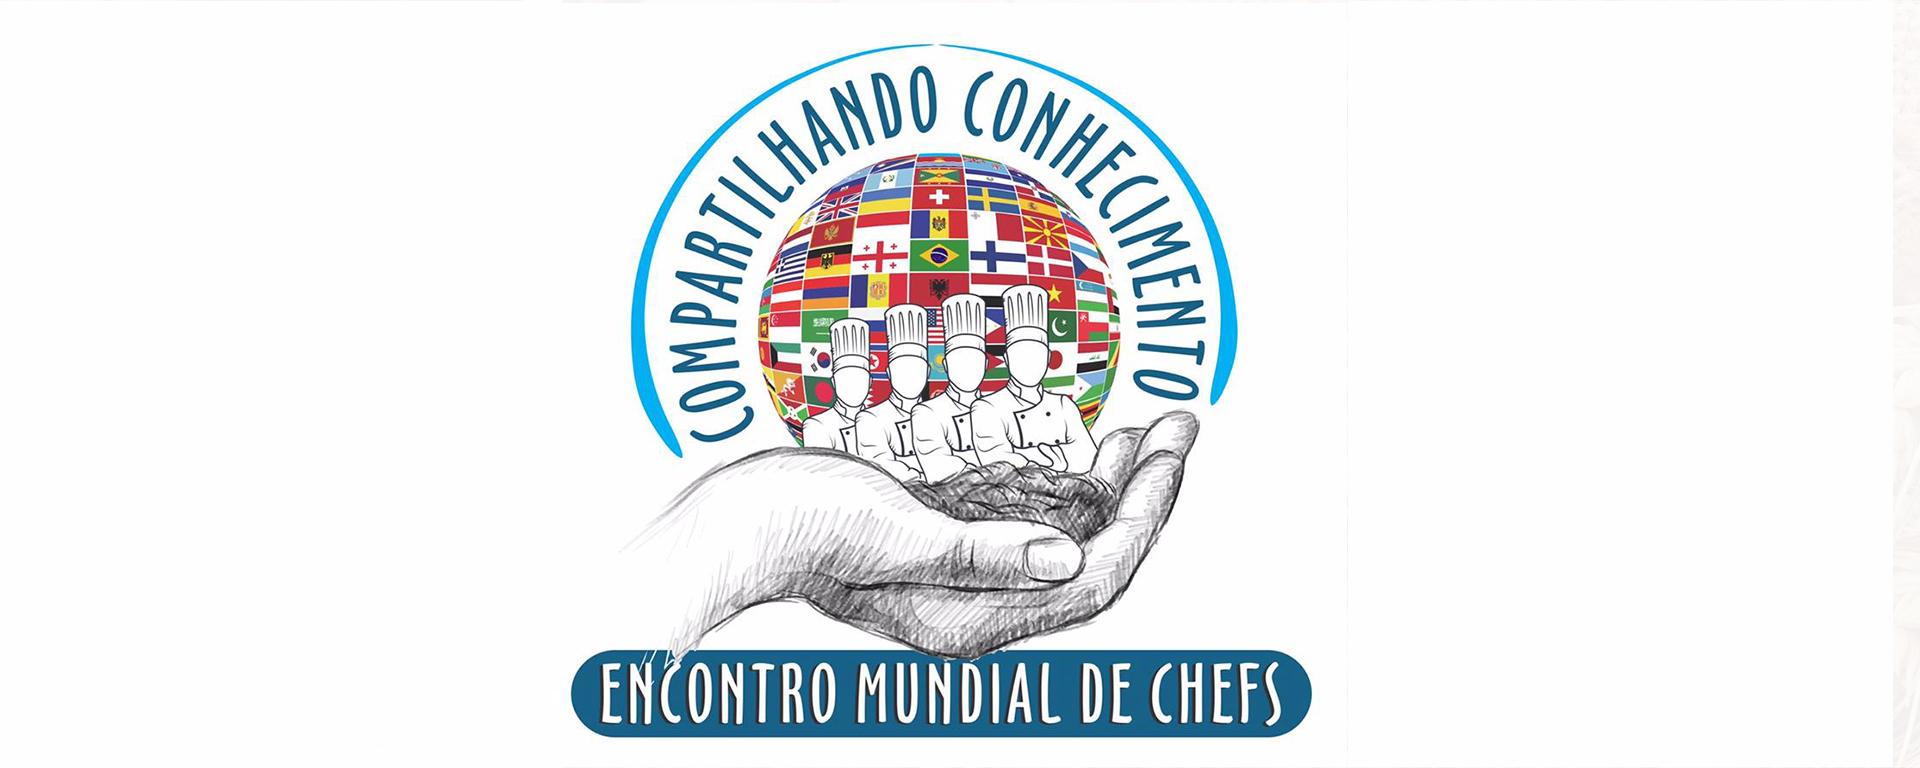 Encontro Mundial de Chefs reúne profissionais renomados